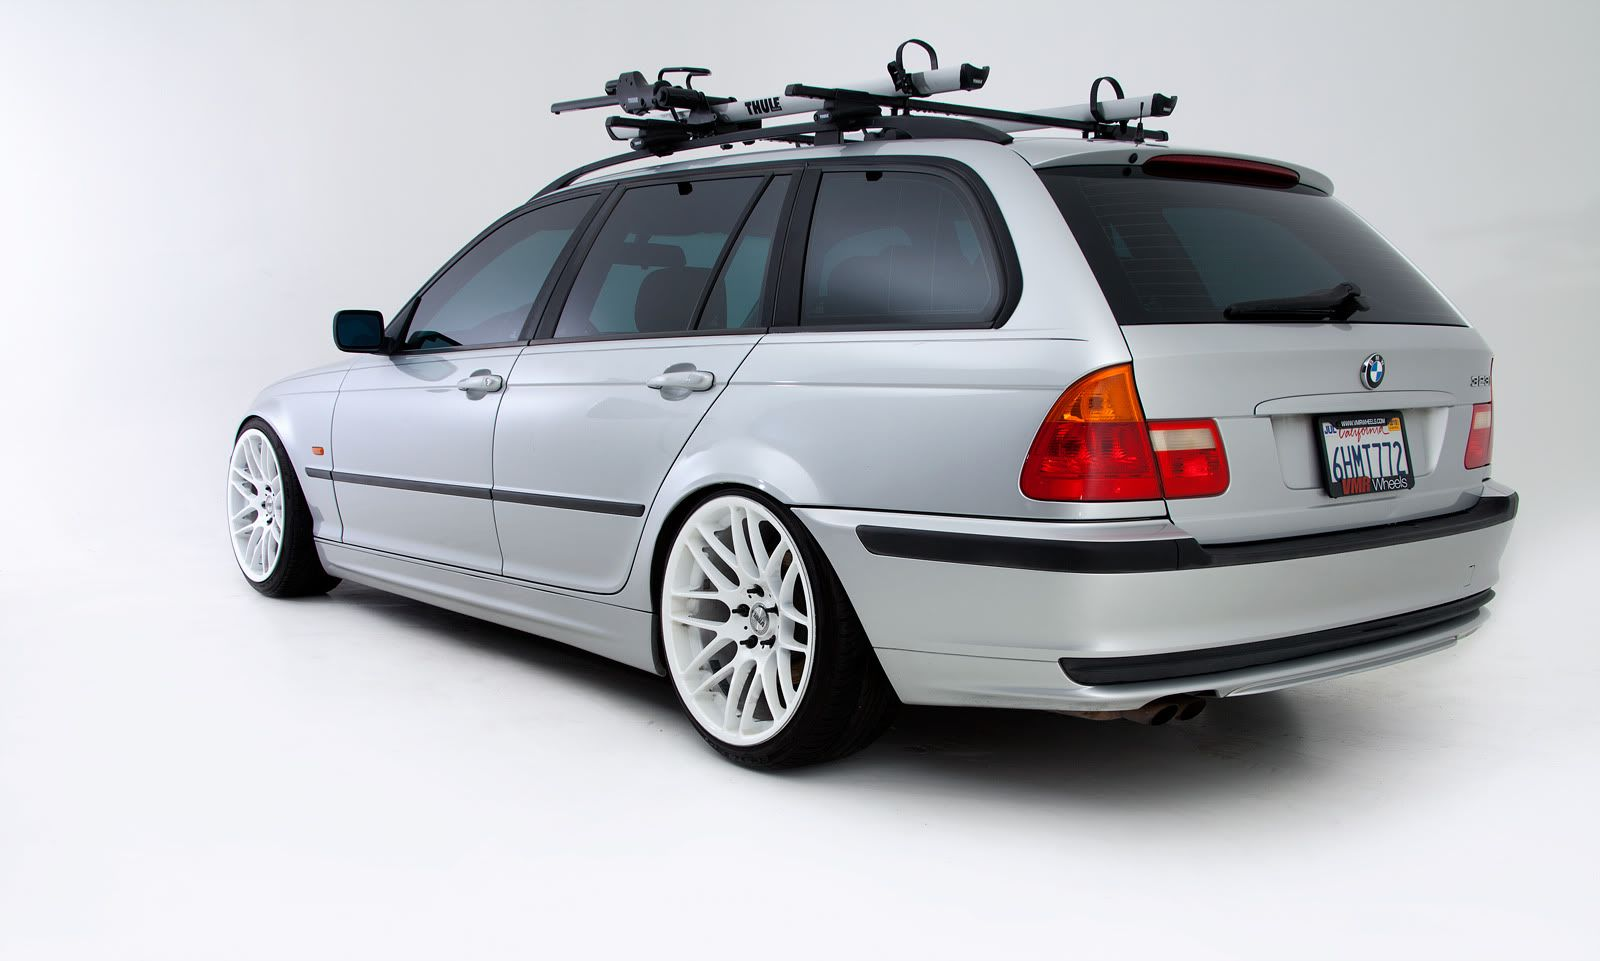 White Wheels Bmw Wagon Bmw Touring Bmw E39 Touring